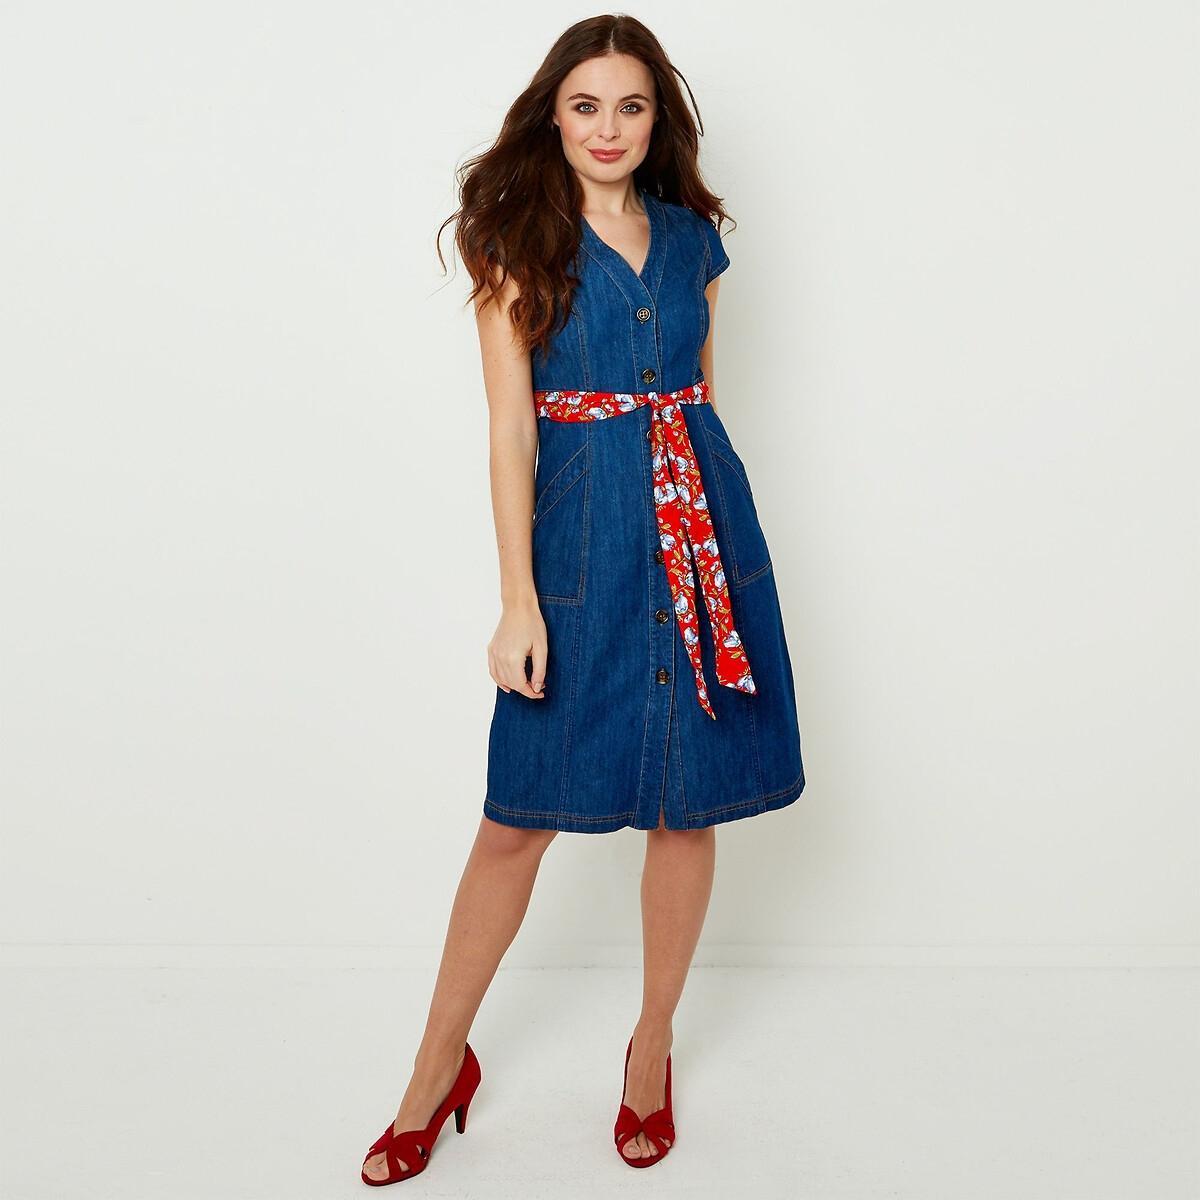 Платье La Redoute Джинсовое на пуговицах бантик на поясе 36 (FR) - 42 (RUS) синий